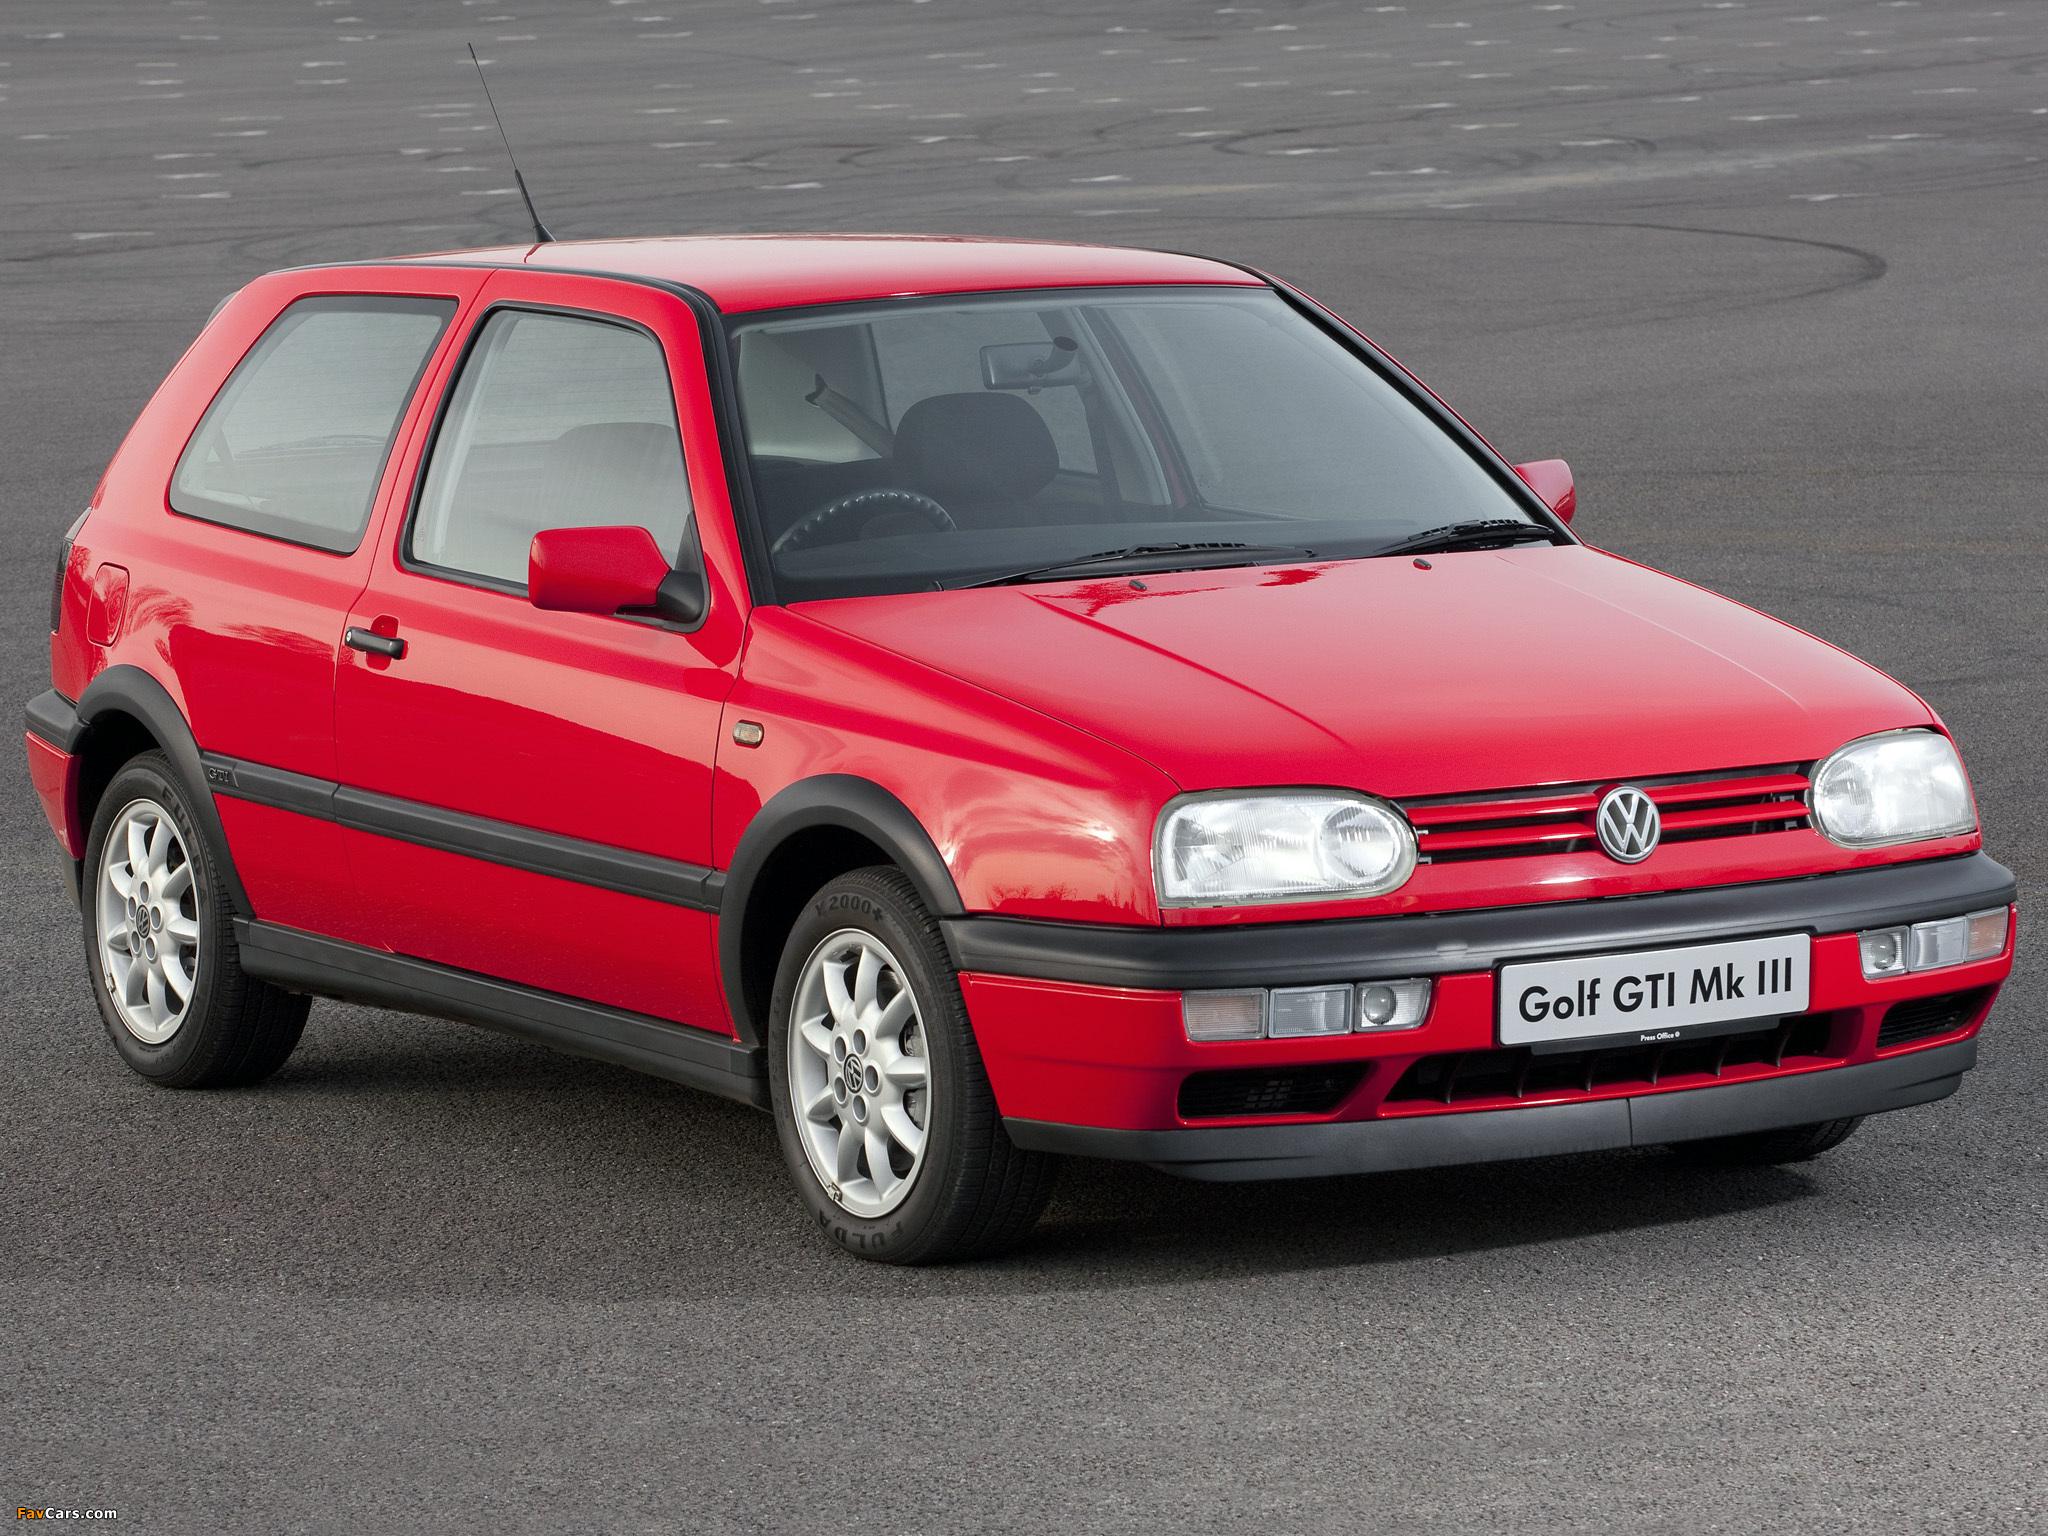 2048x1536 Car Wallpapers Volkswagen Golf Gti Uk Spec Type 1h 1992 97 Wallpapers